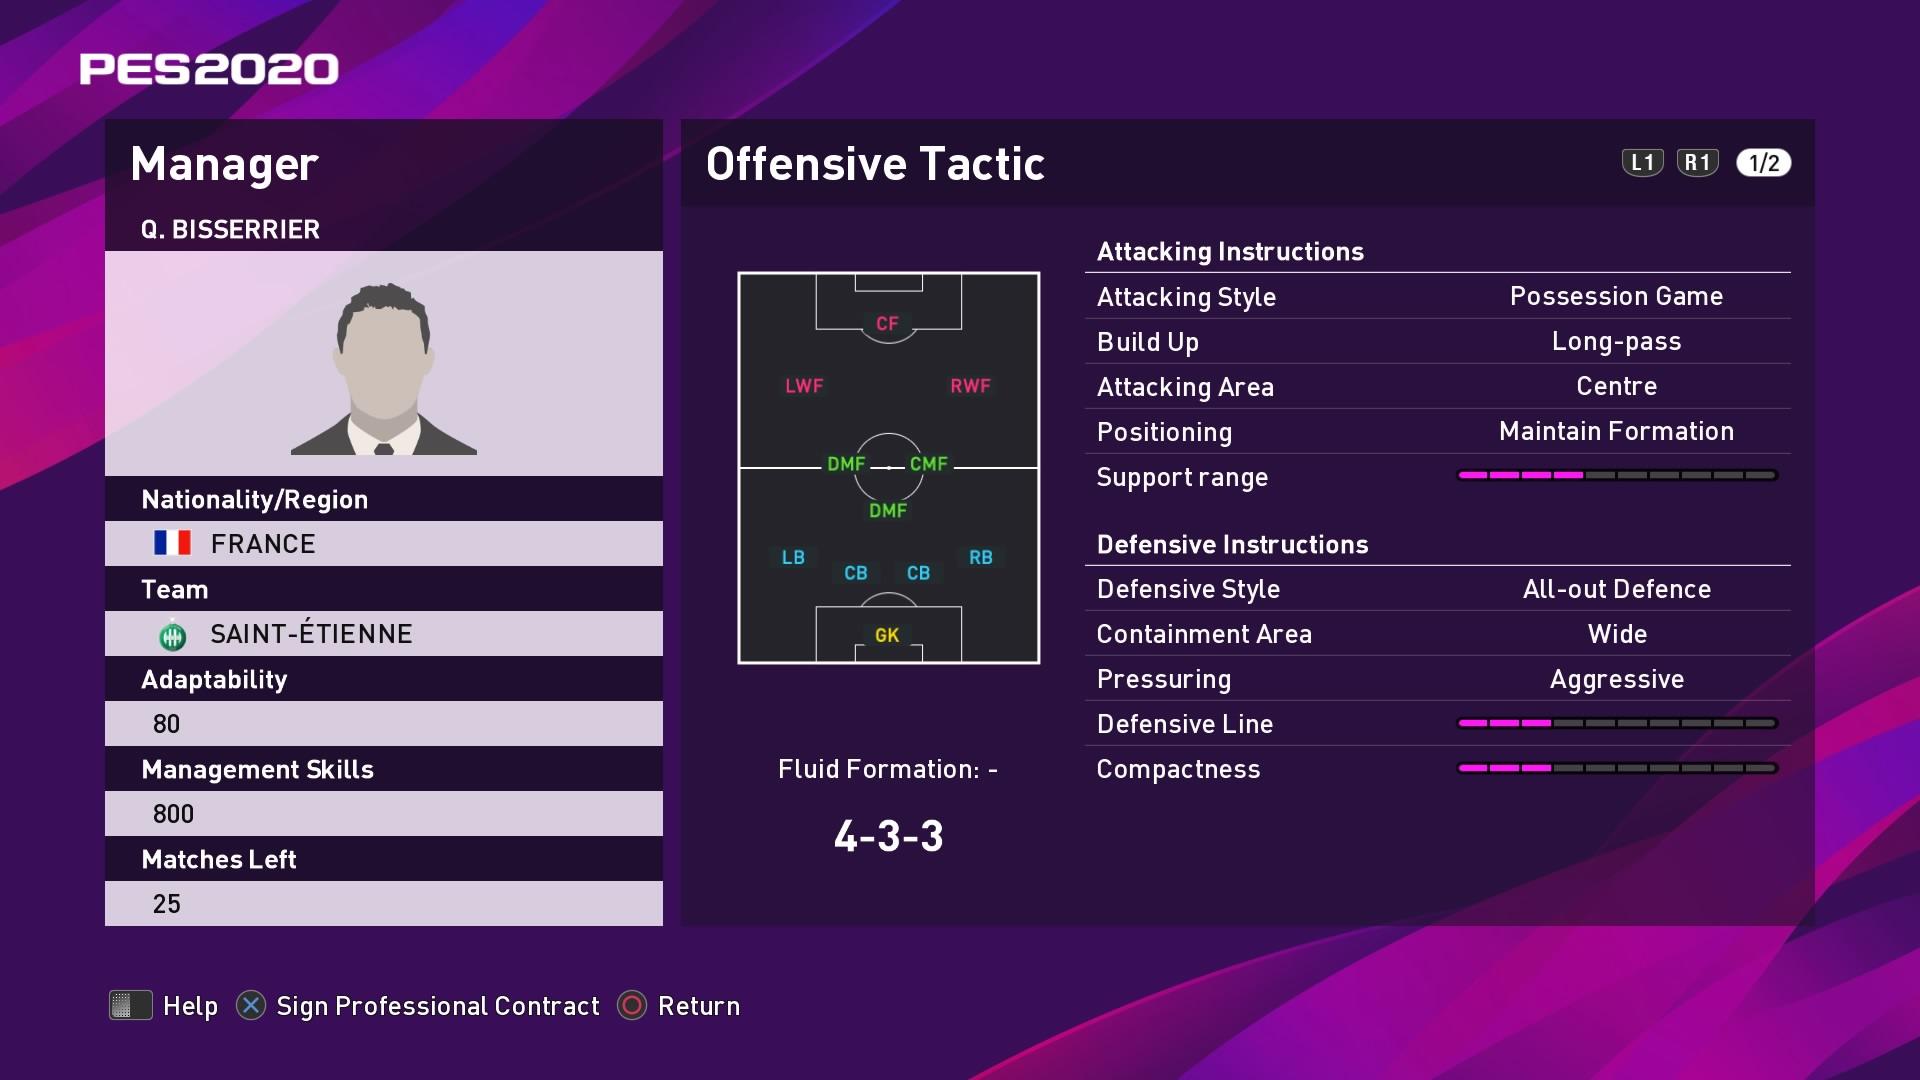 Q. Bisserrier (Claude Puel) Offensive Tactic in PES 2020 myClub